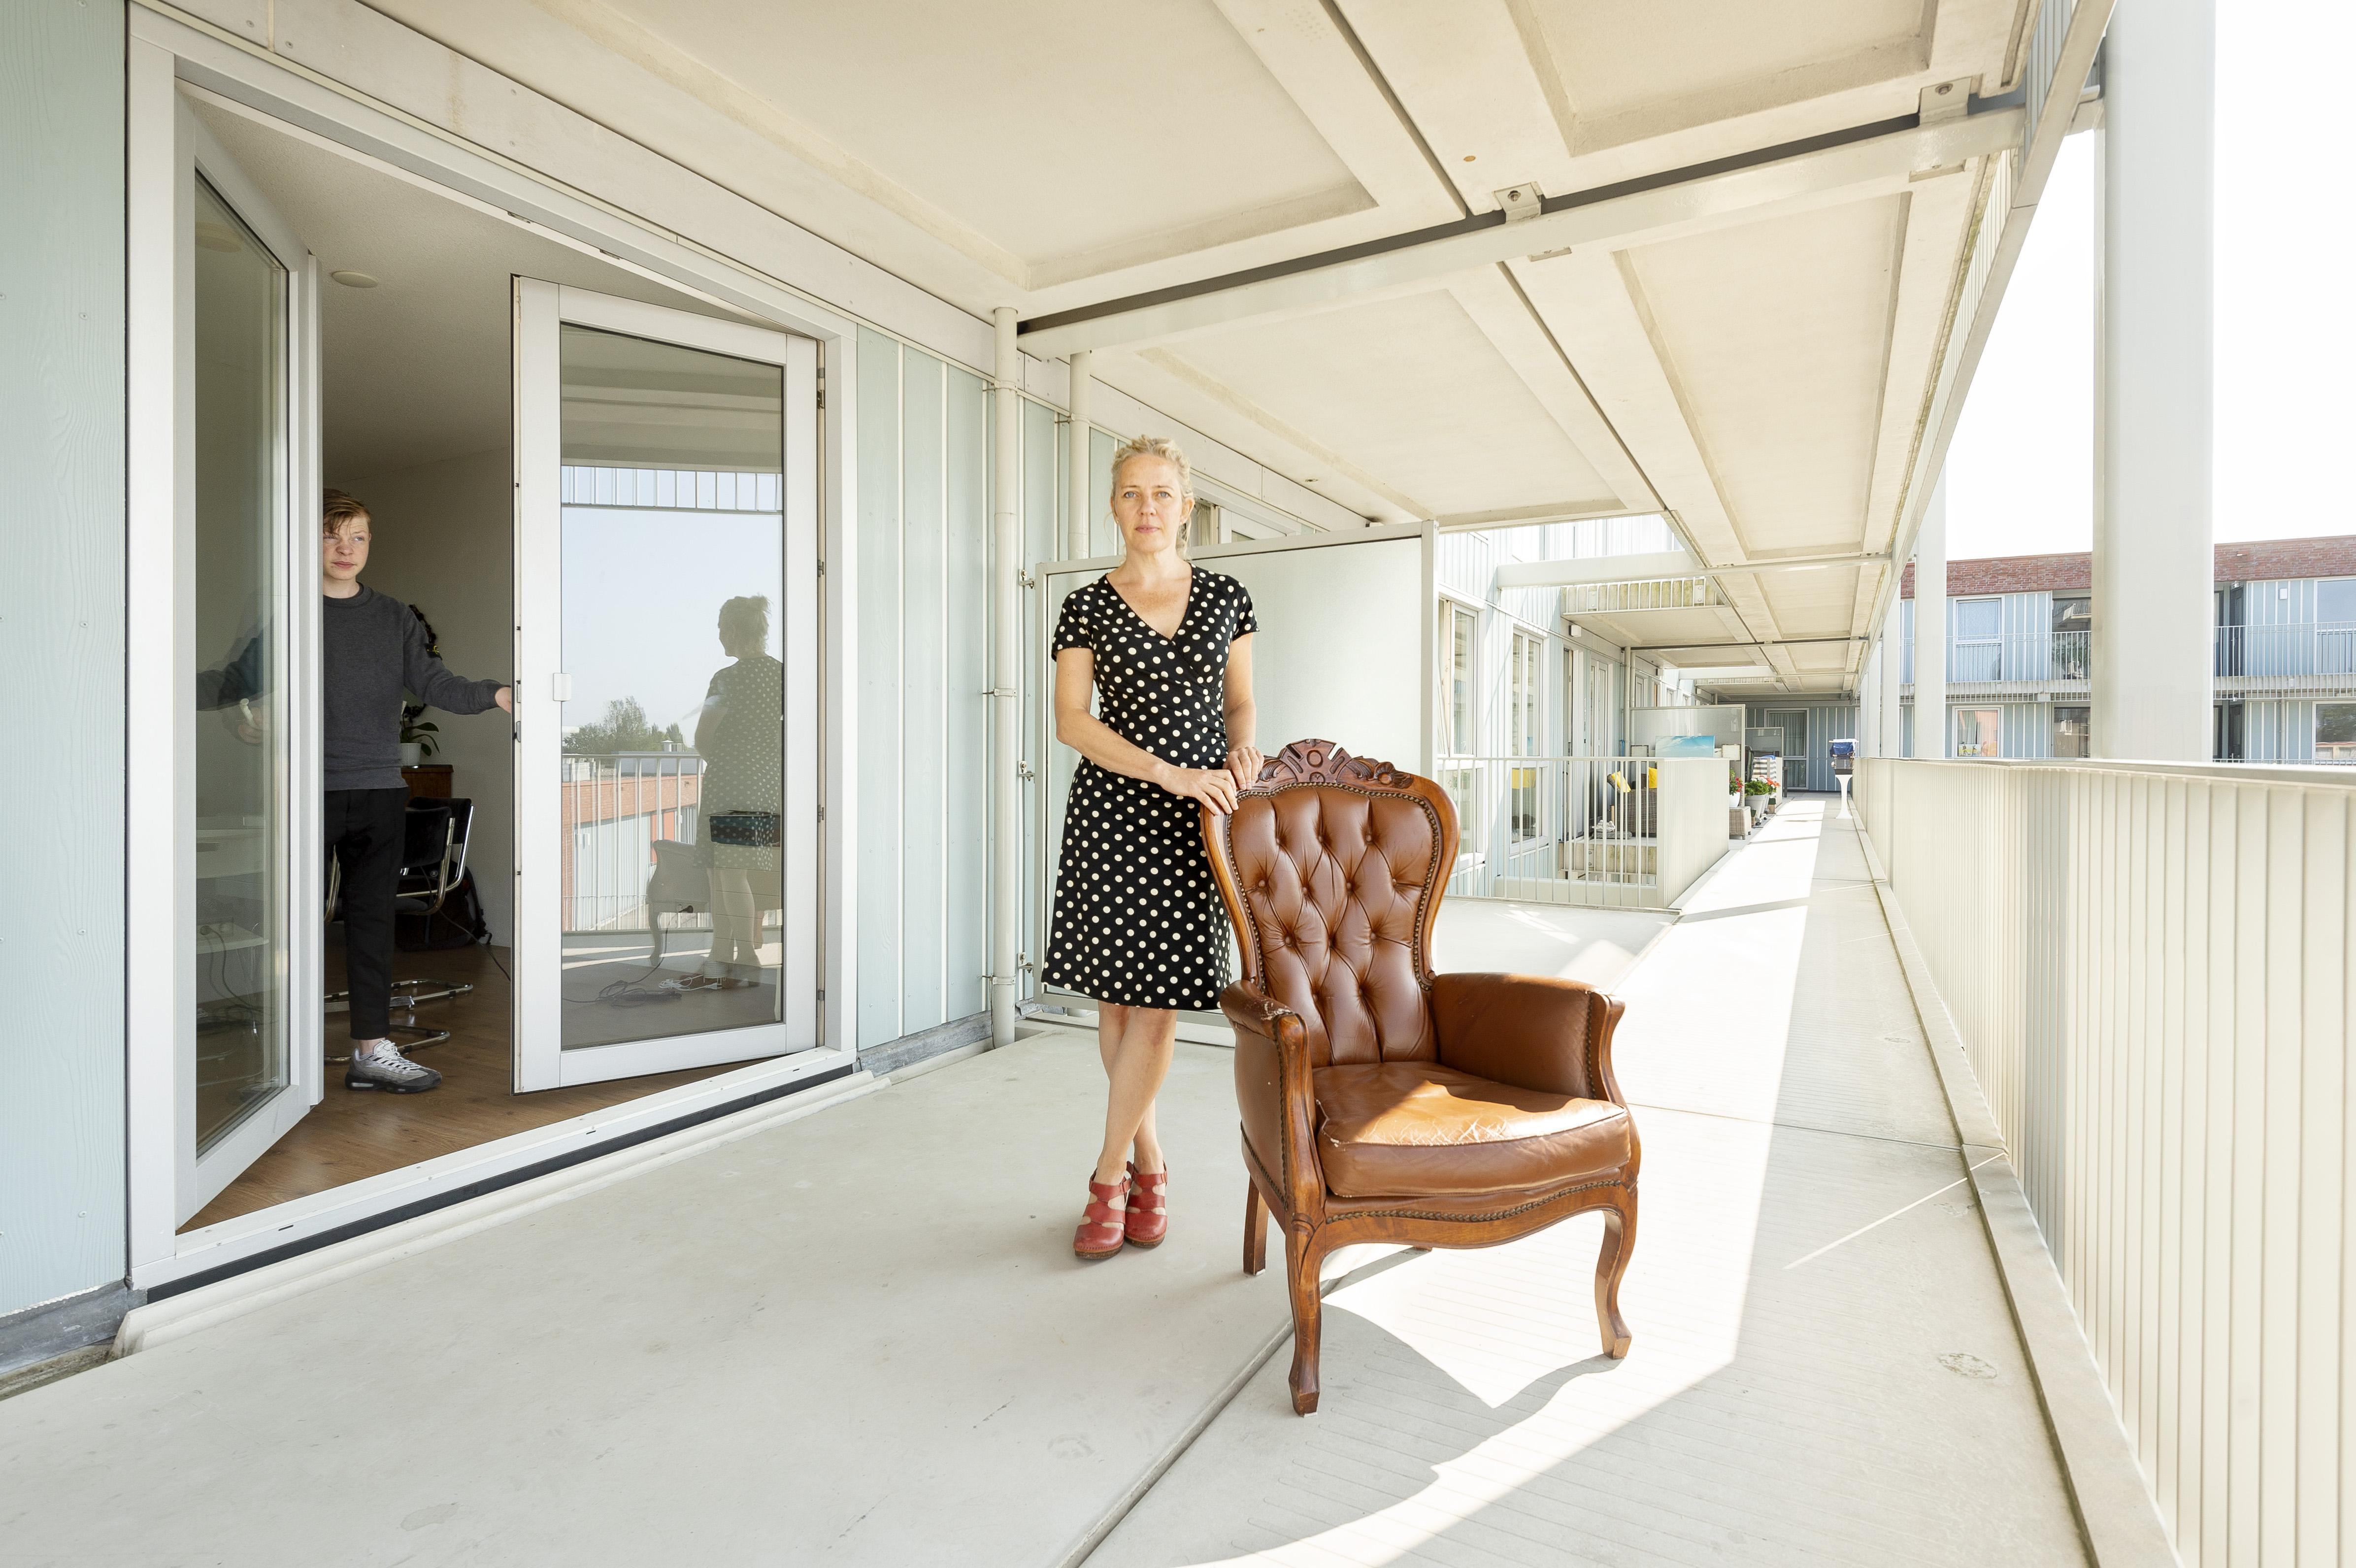 Nieuwe Leidse stadsfotograaf Leonie van der Helm is benieuwd naar uw huis: 'Ik wil weten wat thuis betekent'